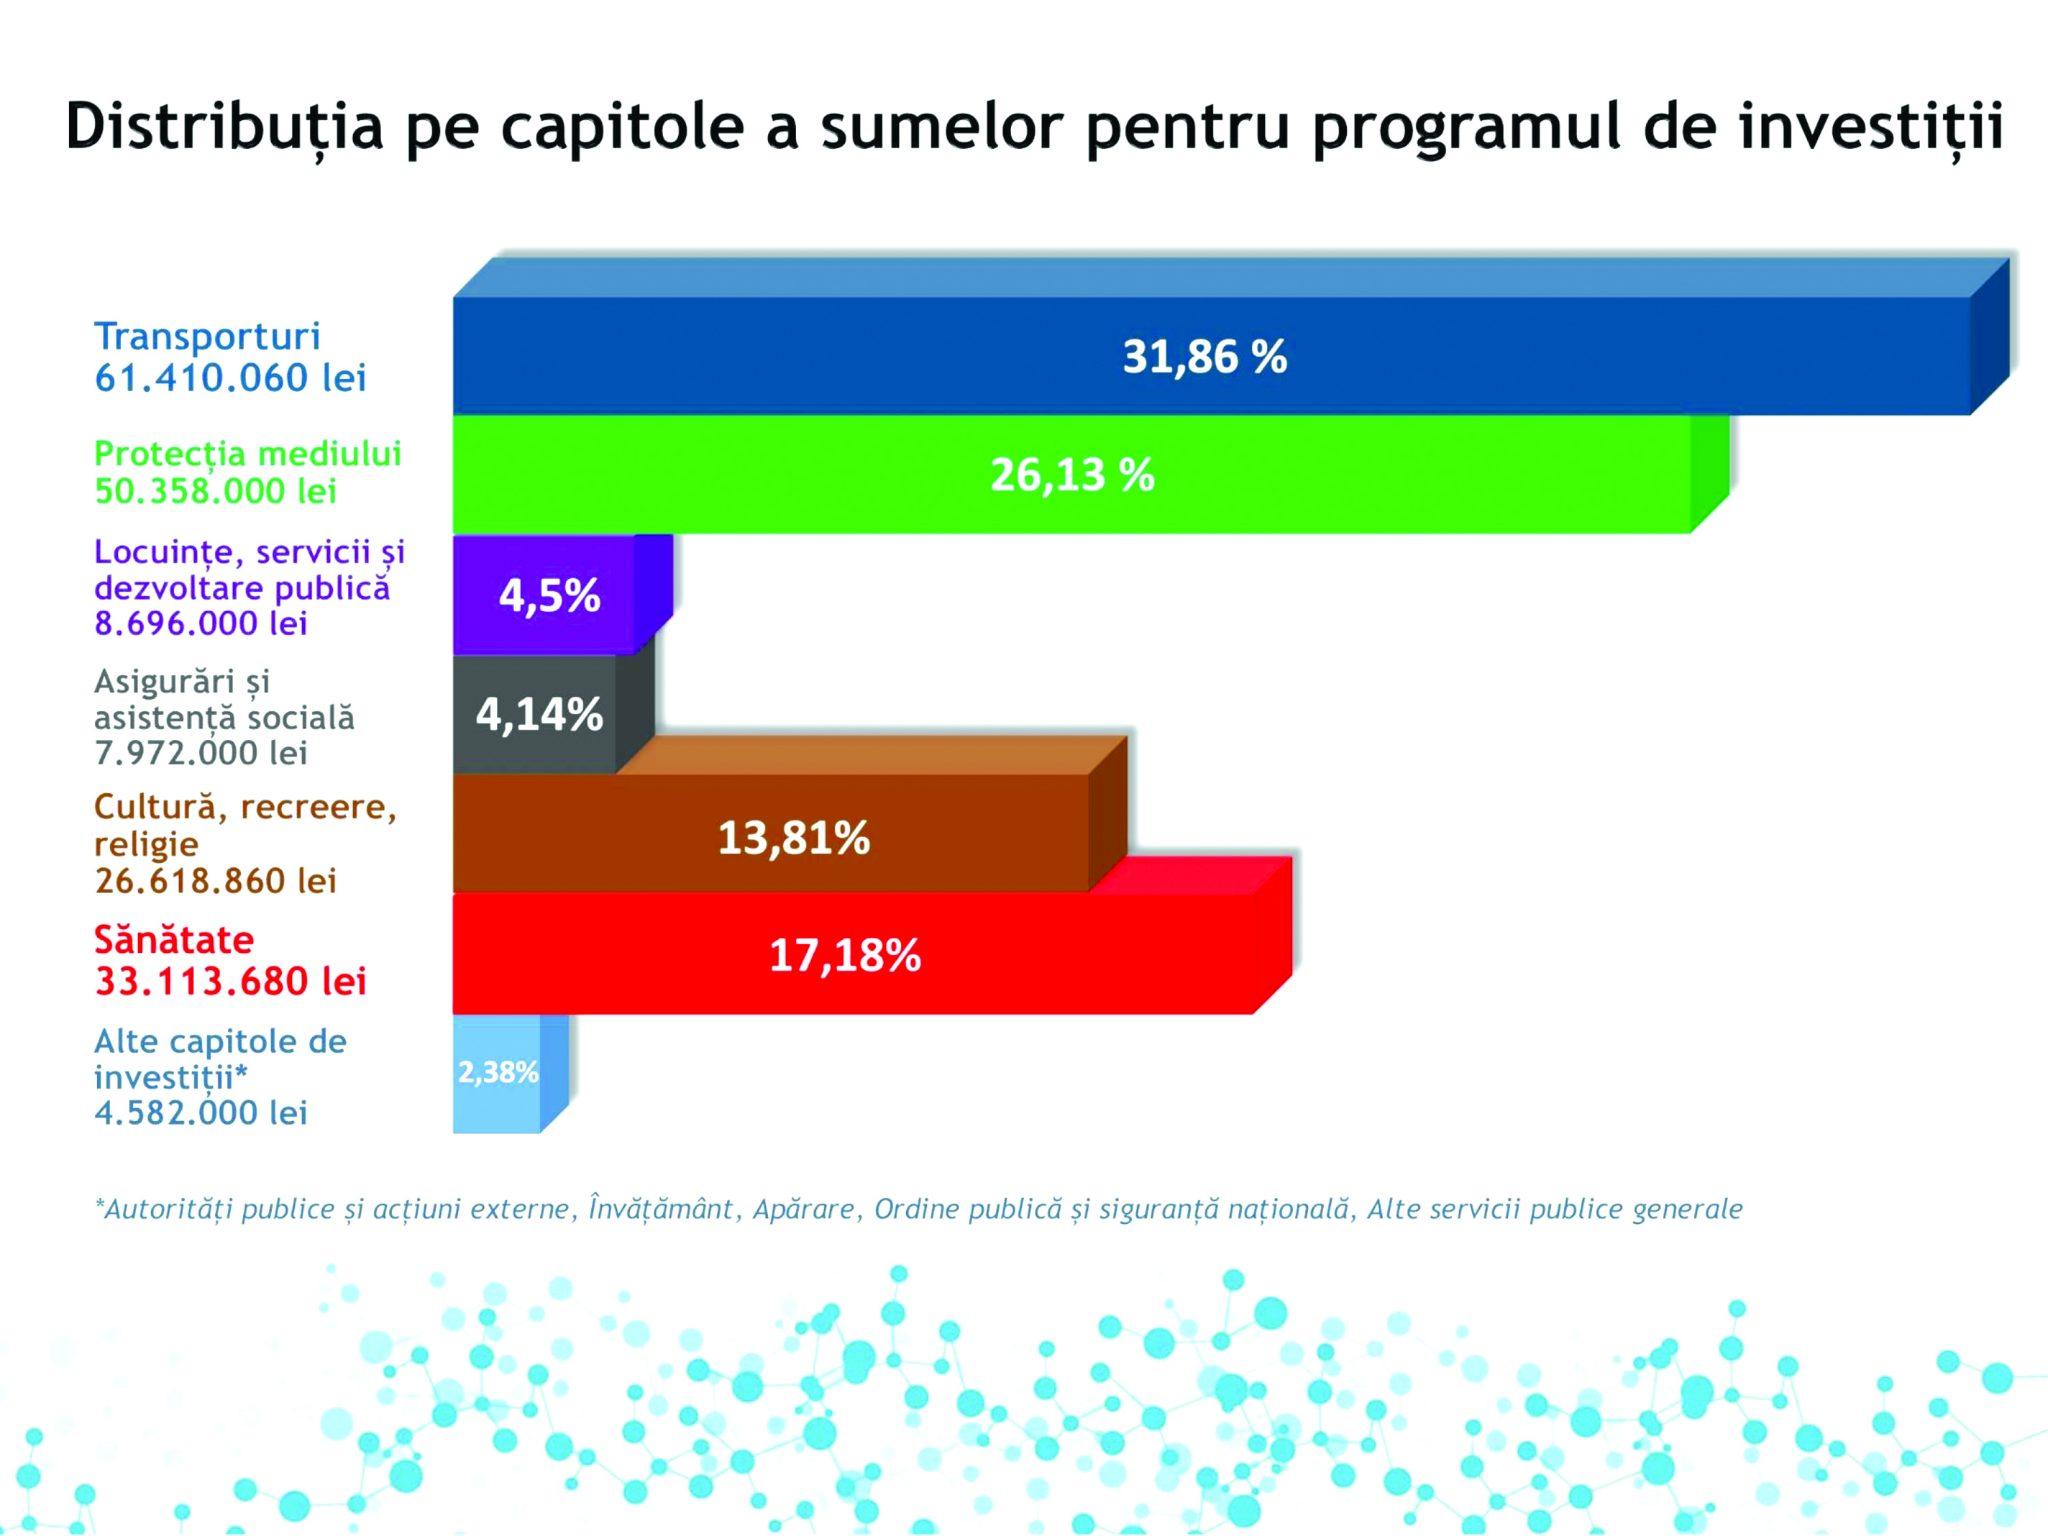 Buget mai mare în acest an în Dolj. Consiliul Judeţean pregăteşte investiţii în infrastructură